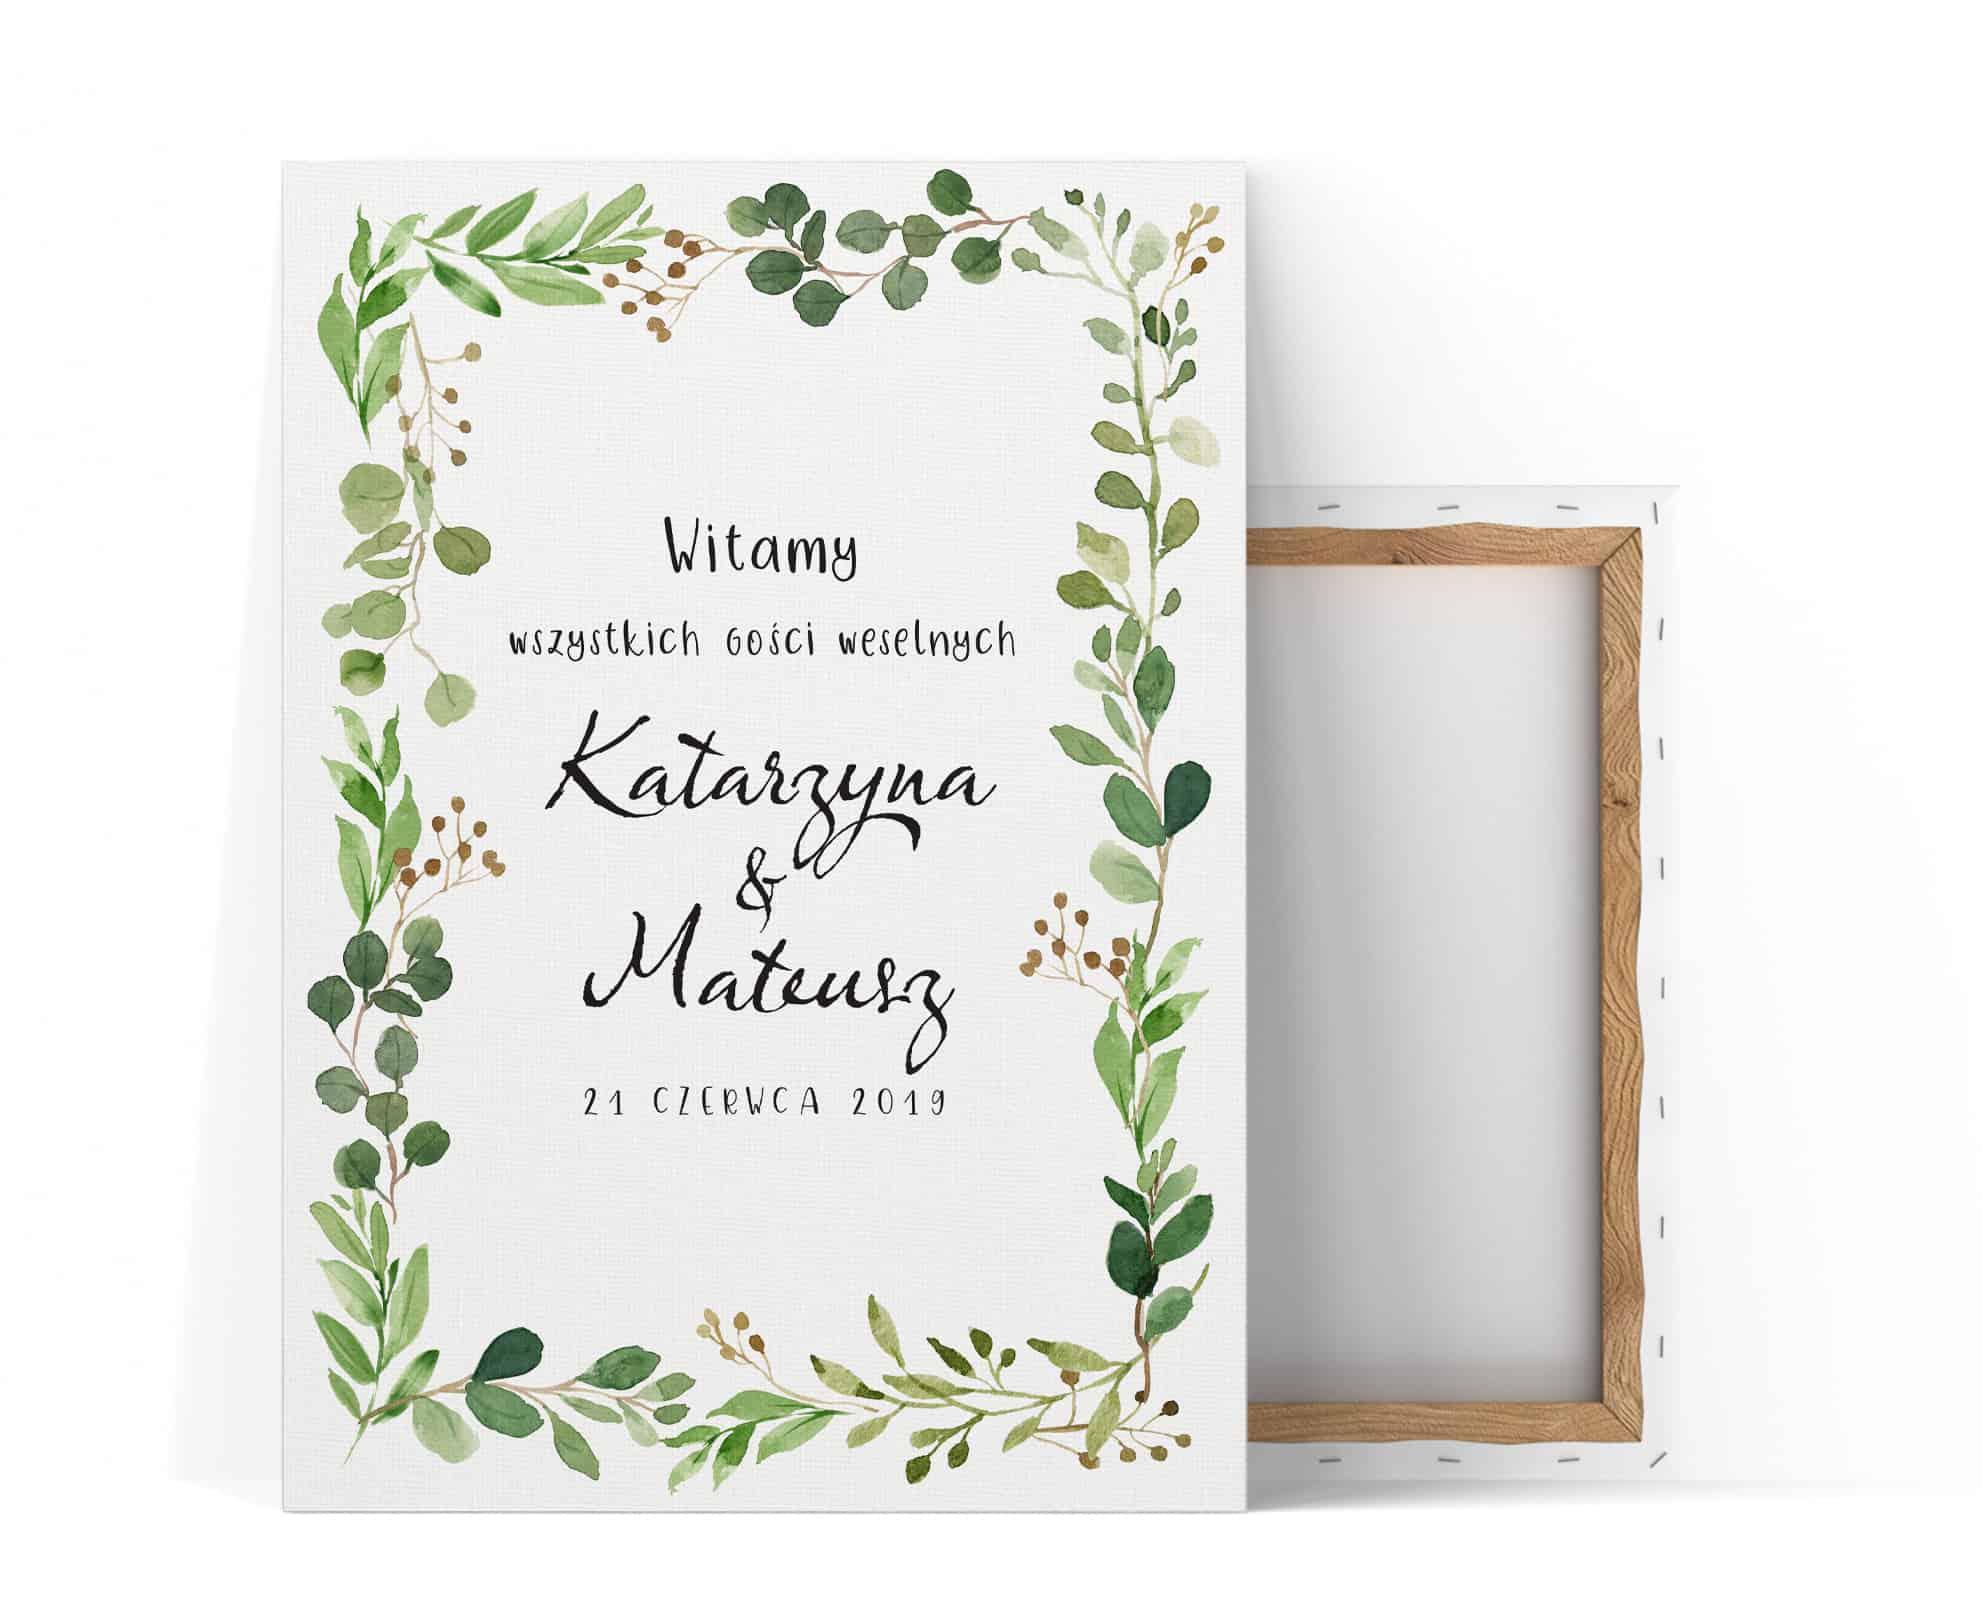 Tablica powitalna z motywem zielonych akwarelowych listków